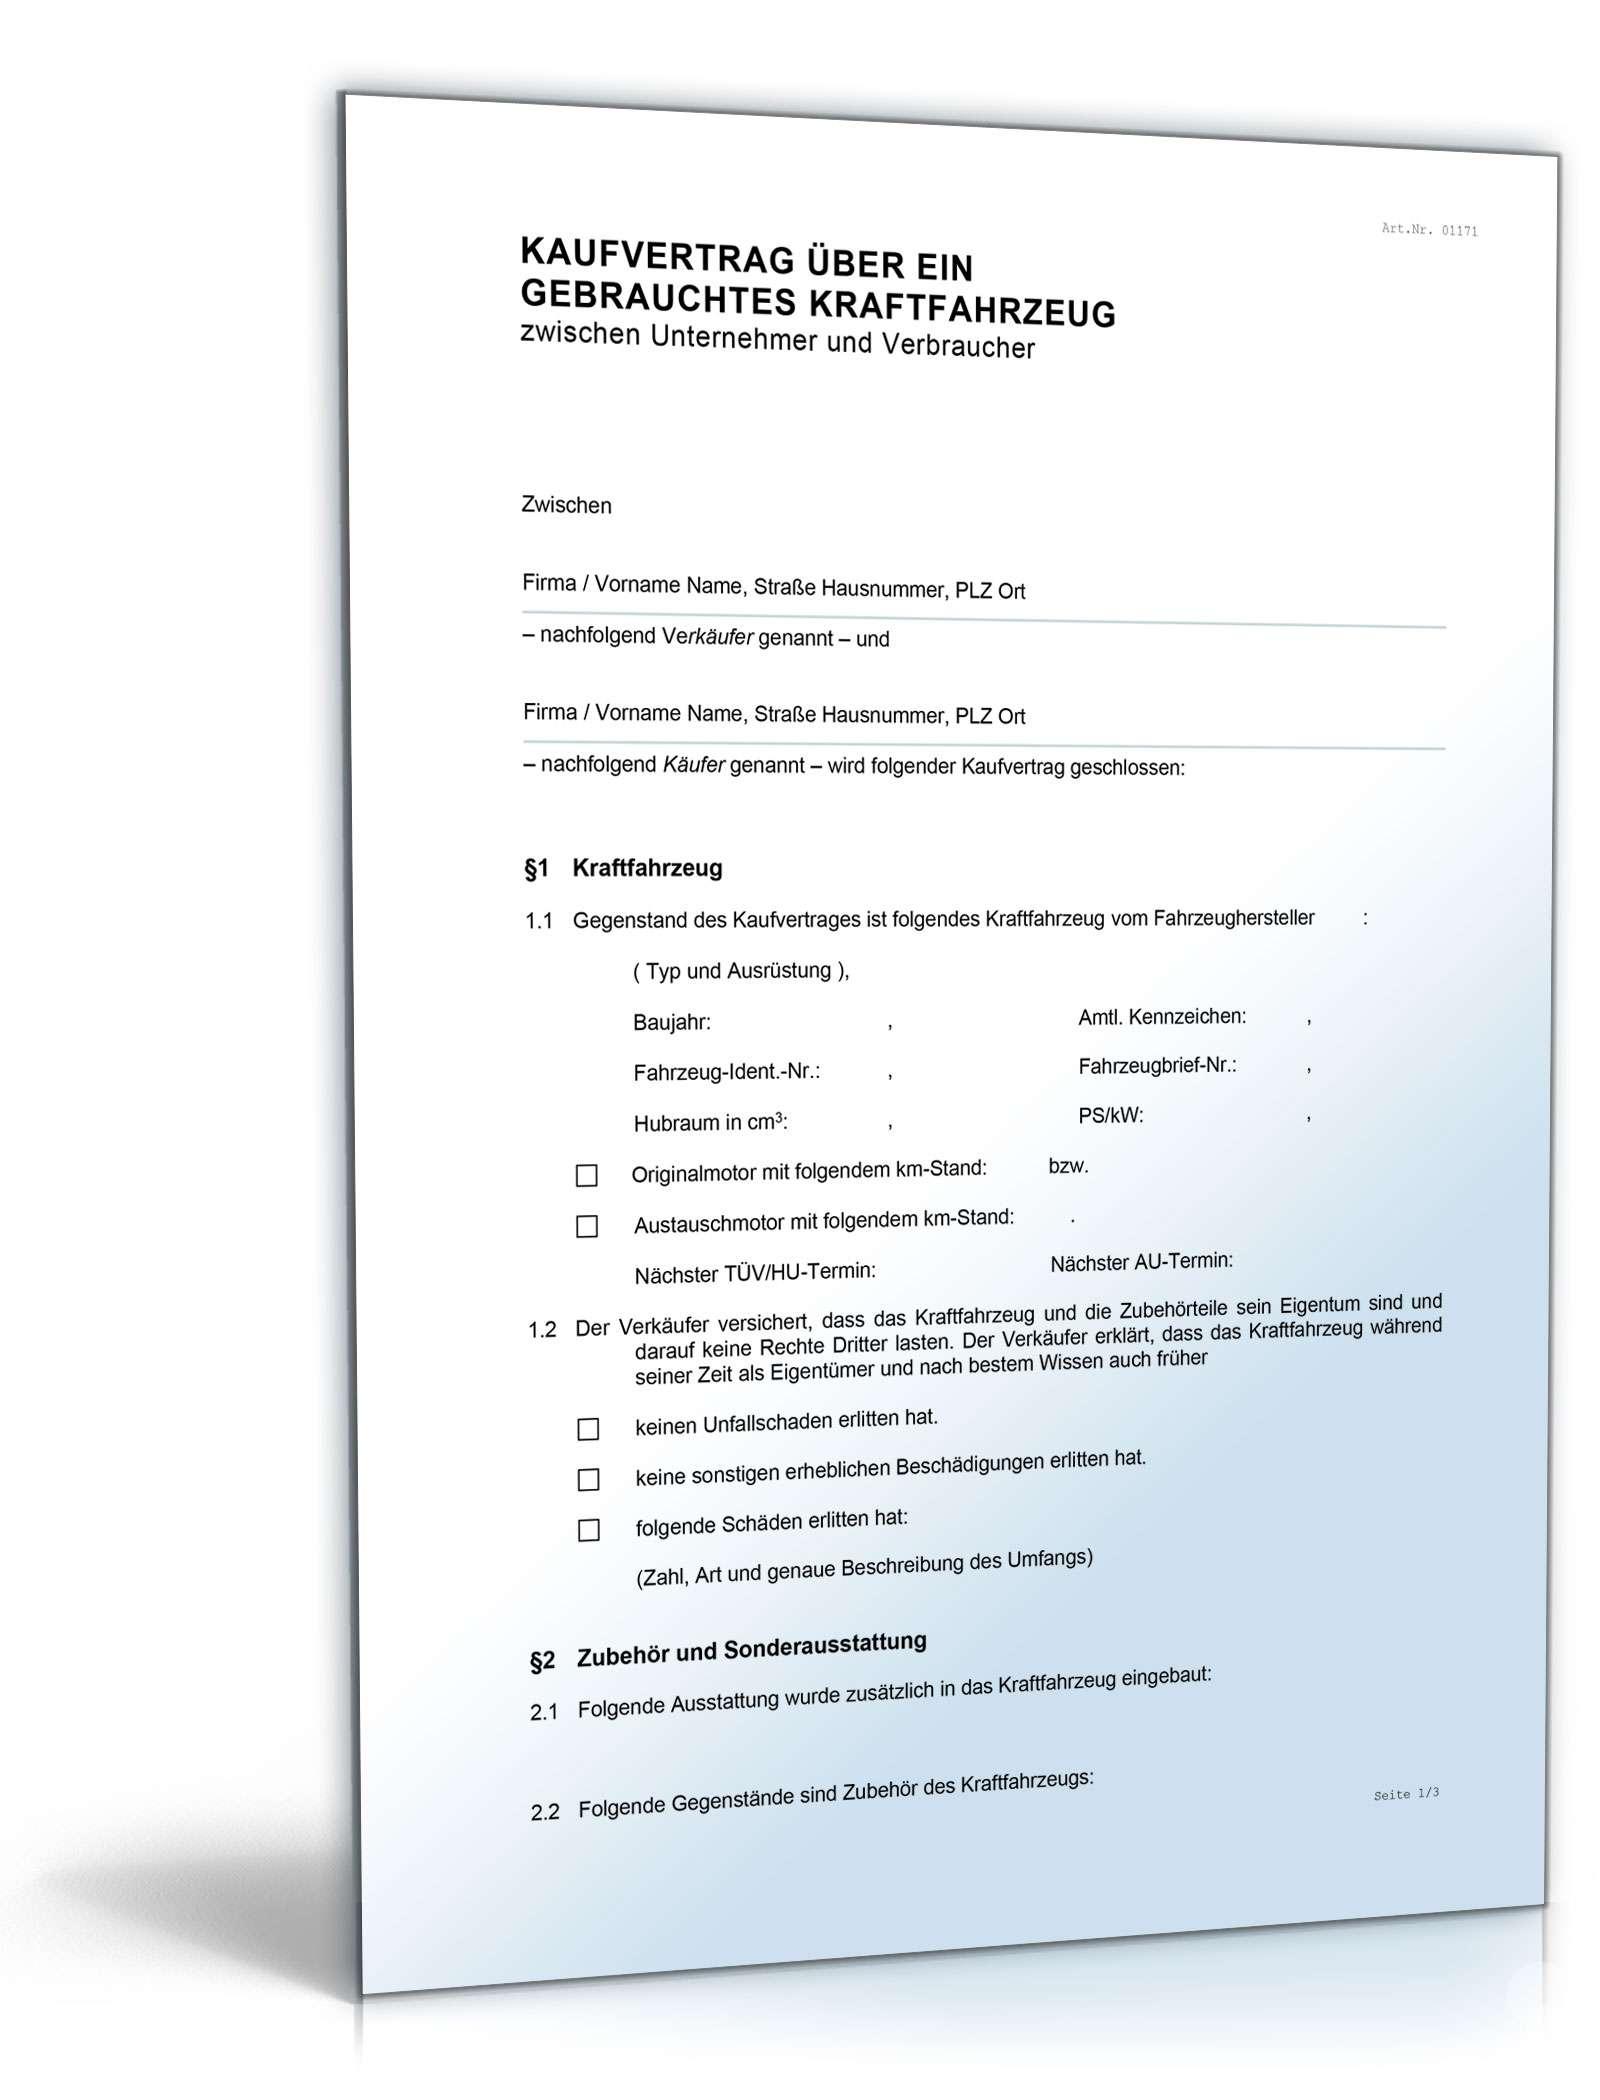 Kfz-Kaufvertrag gewerblich: Rechtssichere Vorlage downloaden